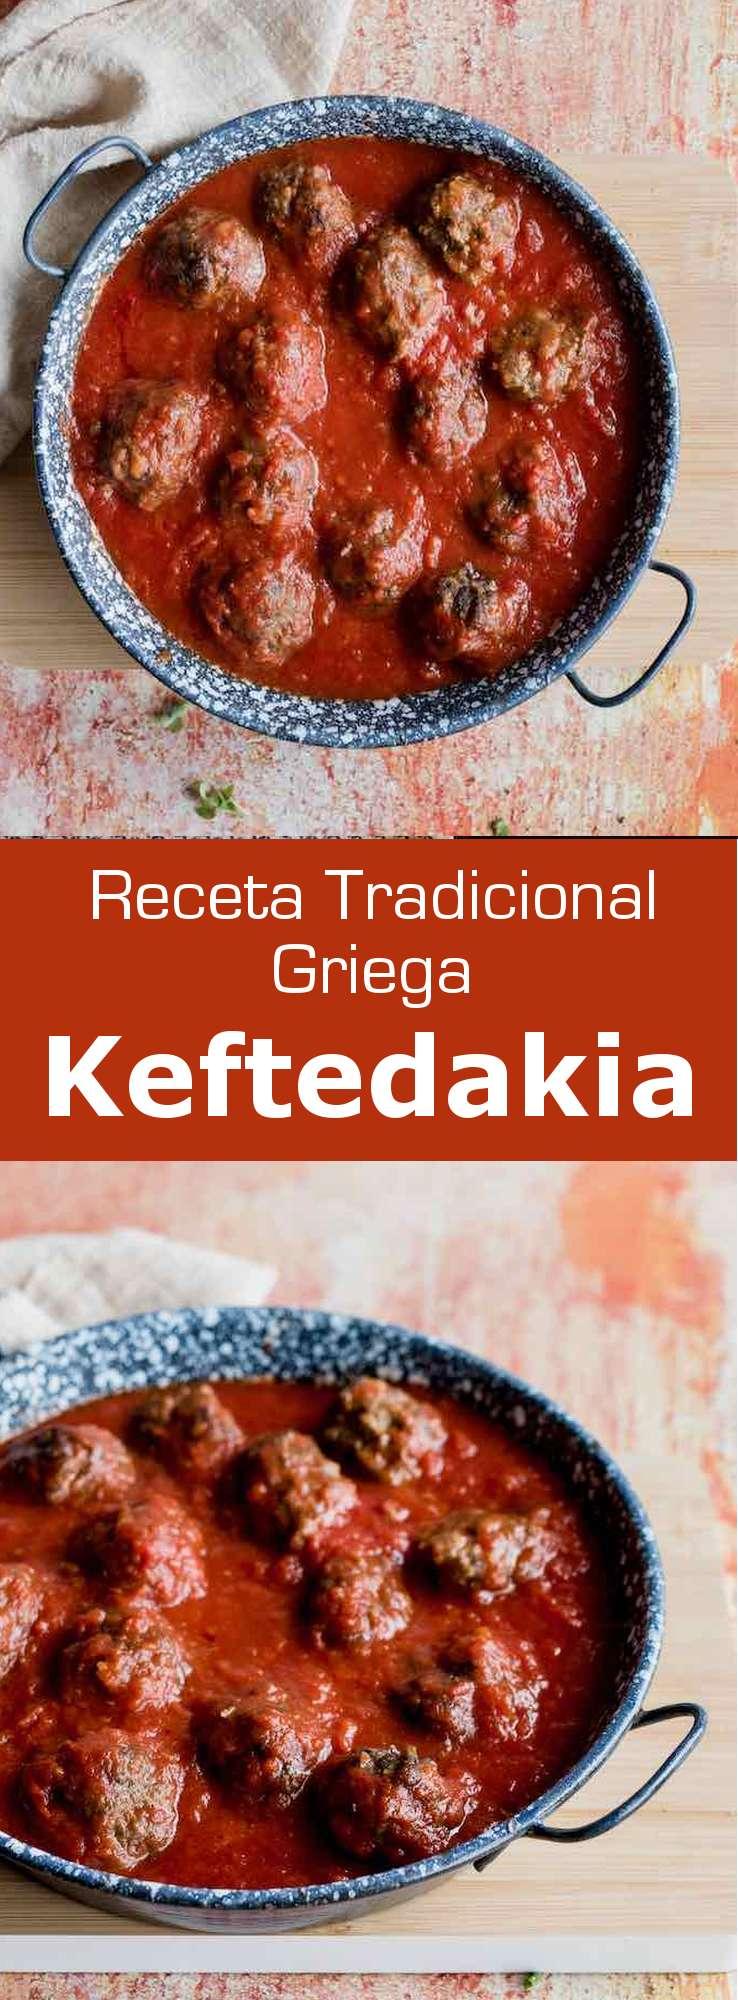 Las keftedakia (κεφτεδακια) son pequeñas albóndigas griegas tradicionales que se fríen y se cocinan a fuego lento en una salsa de tomate.